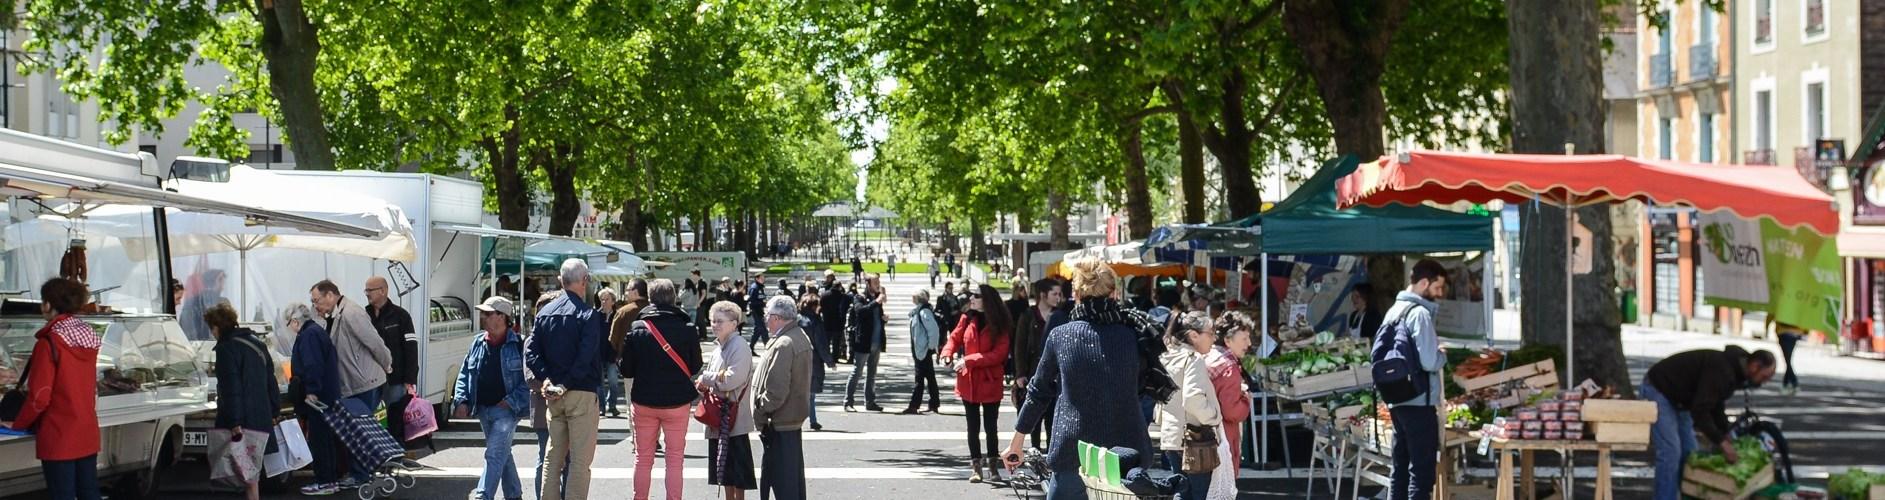 investir à Rennes, mail françois Mitterrand, immobilier rennes, investir pinel, BATI Patrimoine, Nathalie Thézé